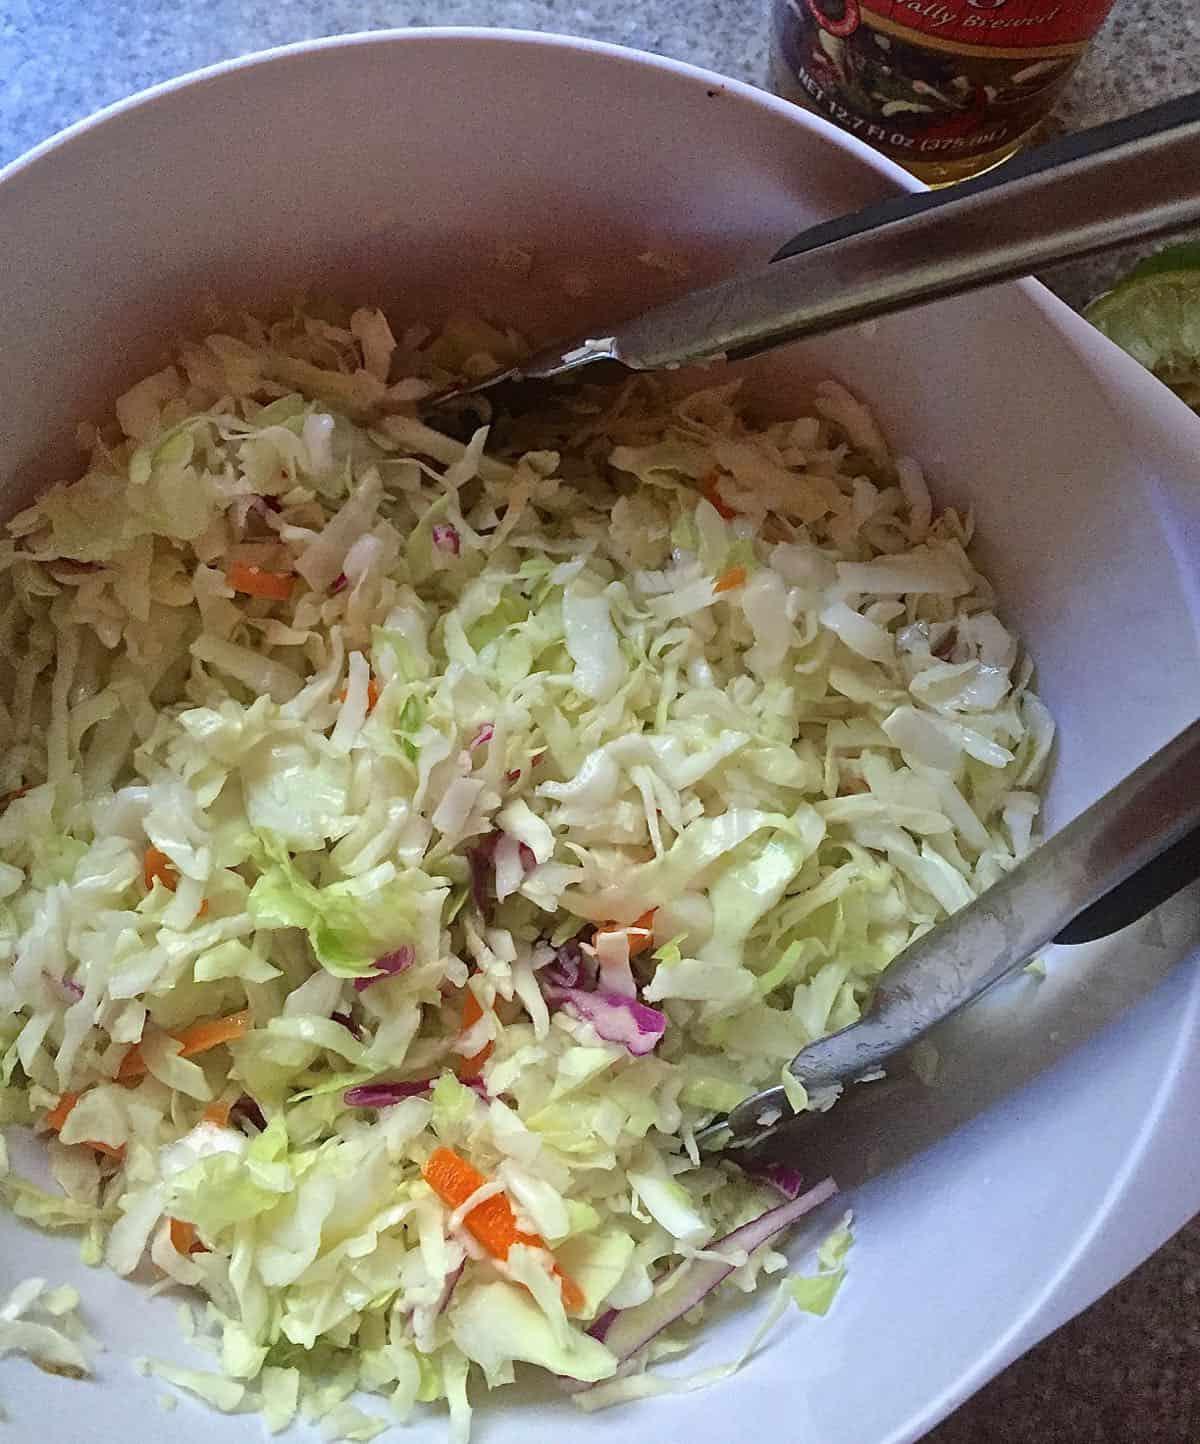 A white bowl full of coleslaw.